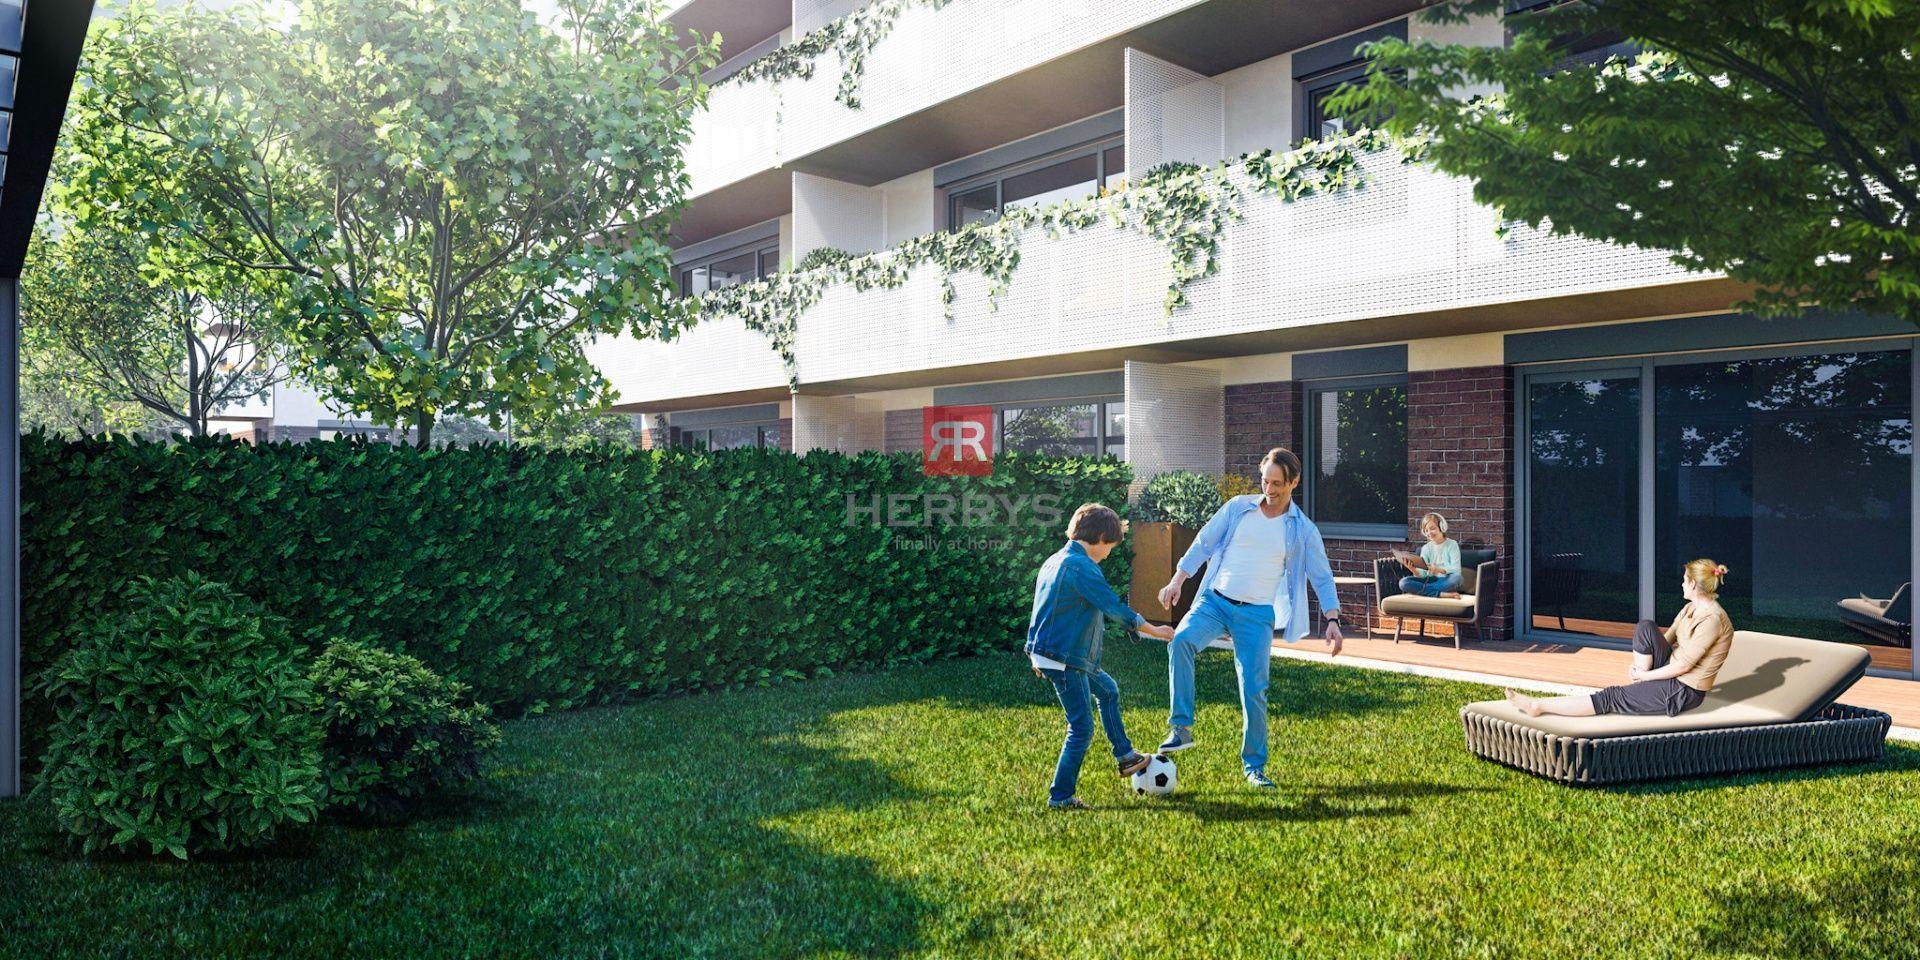 HERRYS - Na predaj 2 izbový byt s dvomi terasami a predzáhradkou v novom rezidenčnom projekte Pod Vinicou